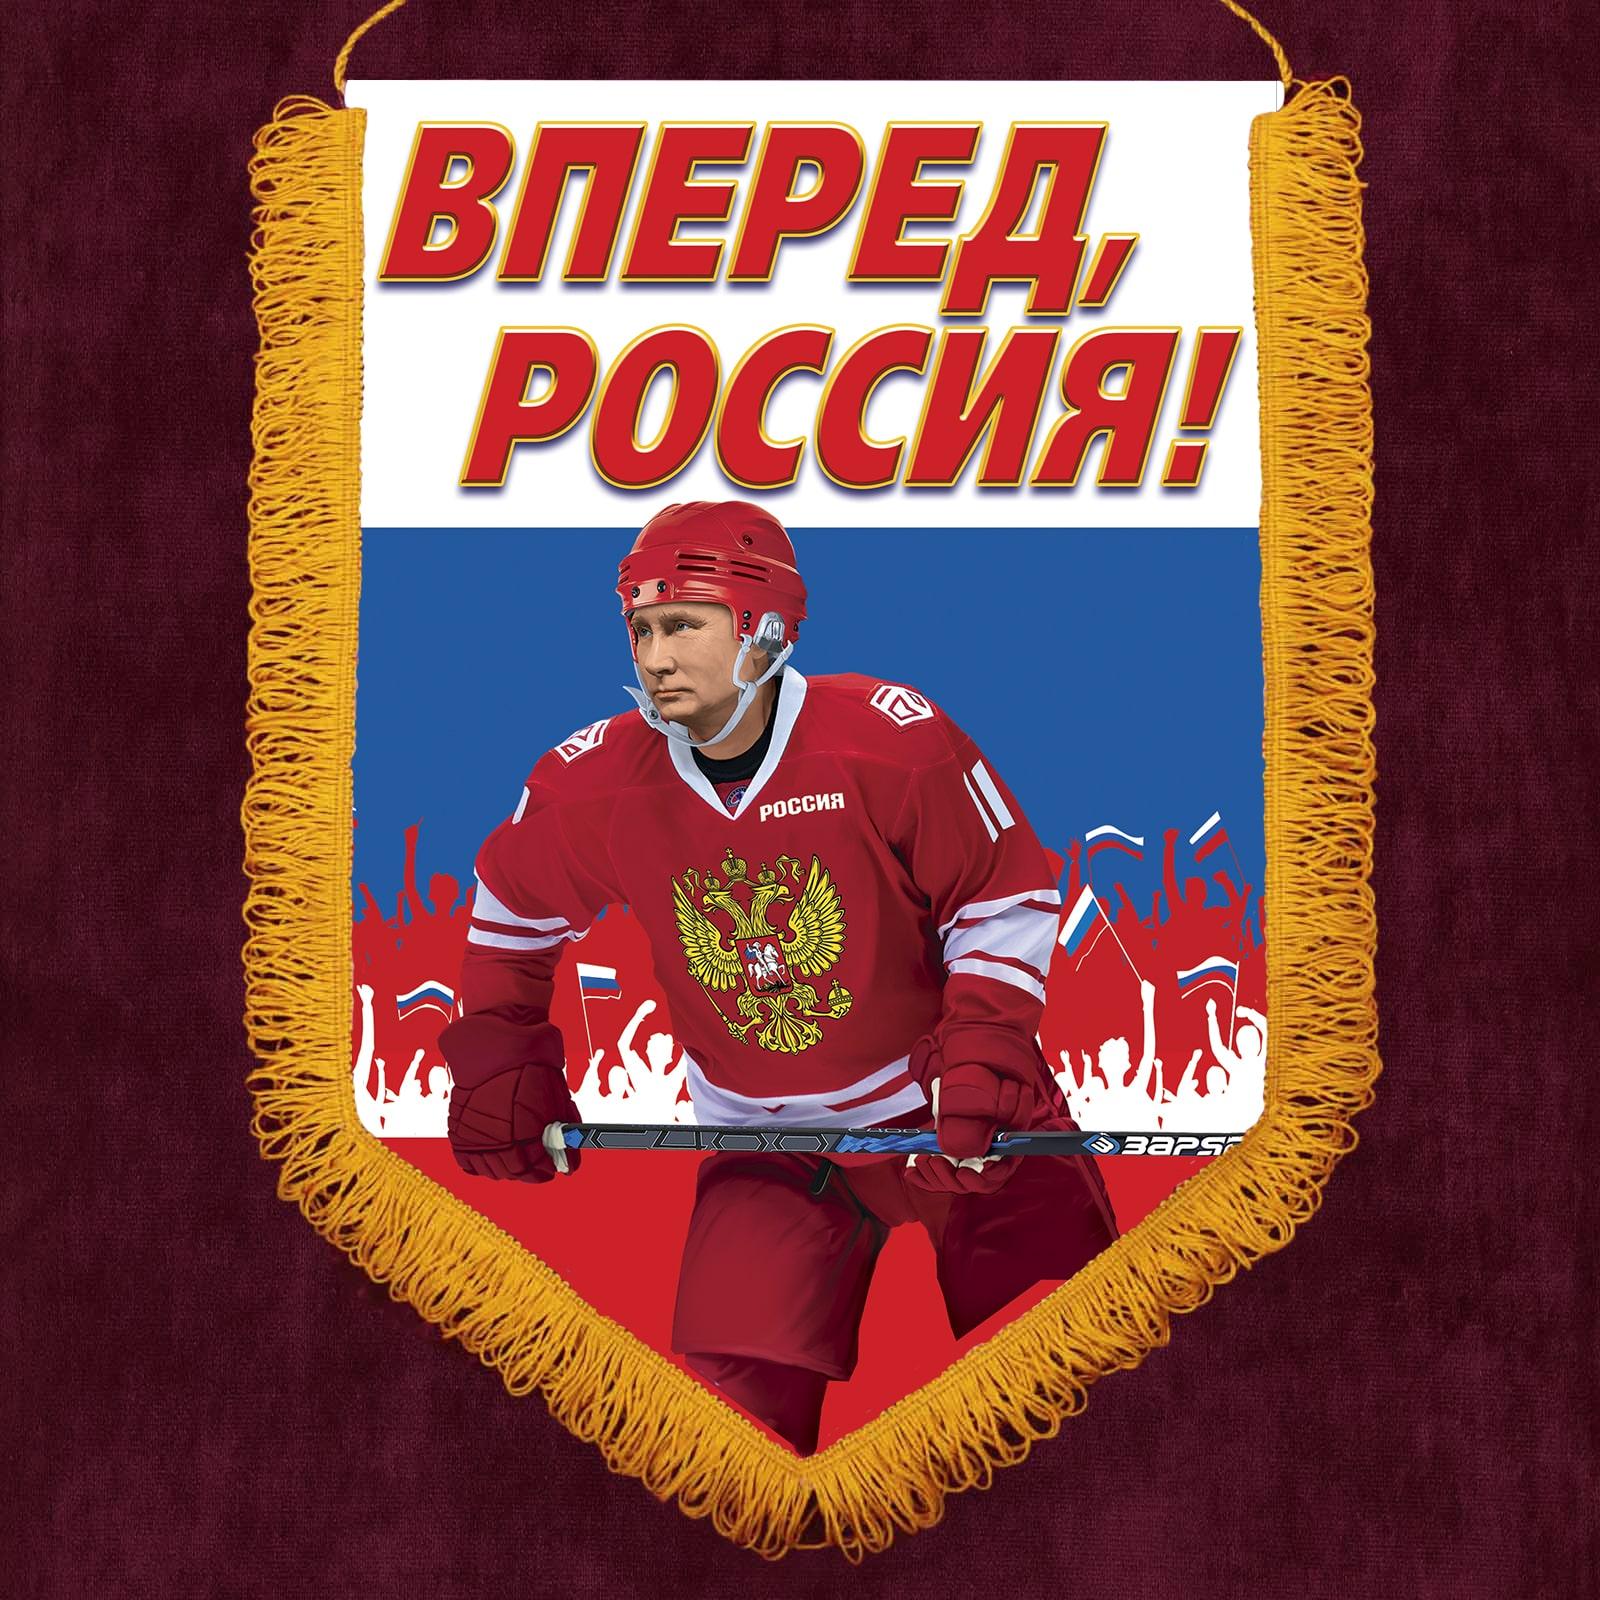 Большой вымпел Вперед, Россия!